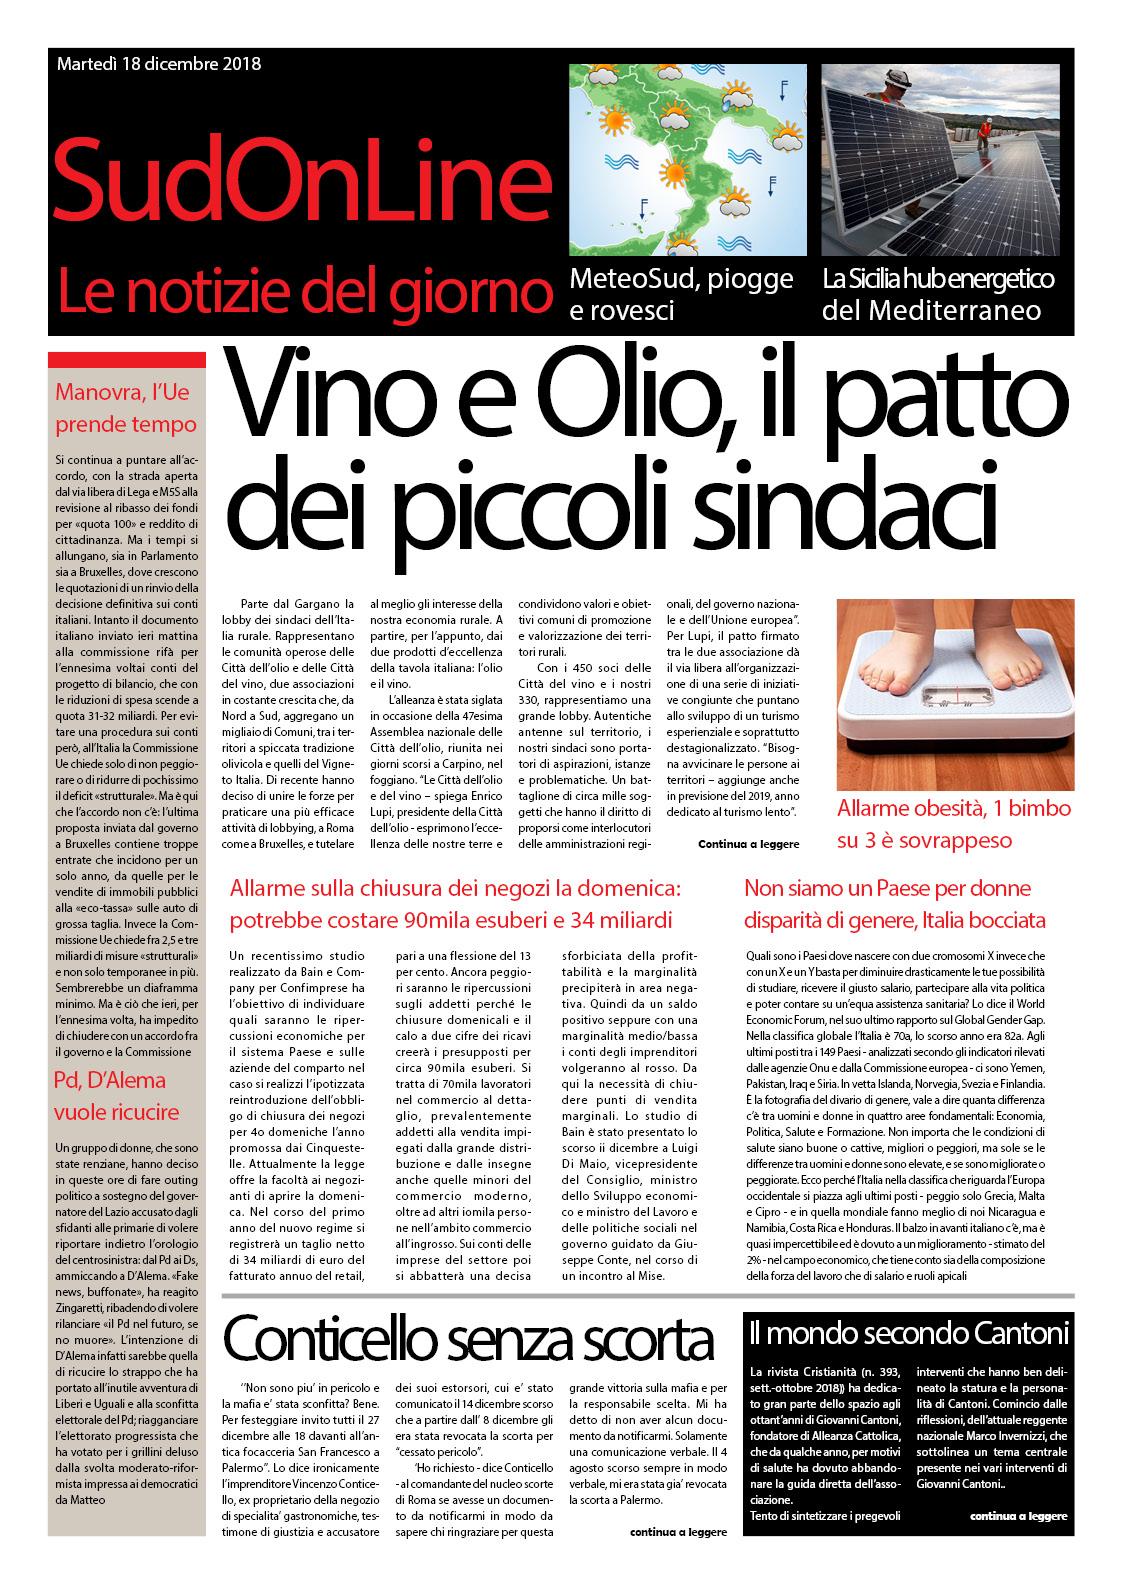 IlSudOnLine quotidiano, il patto delle città dell'olio e del vino – Sicilia hub energetico del Mediterraneo – L'imprenditore antimafia resta senza scorta e scoppia la polemica